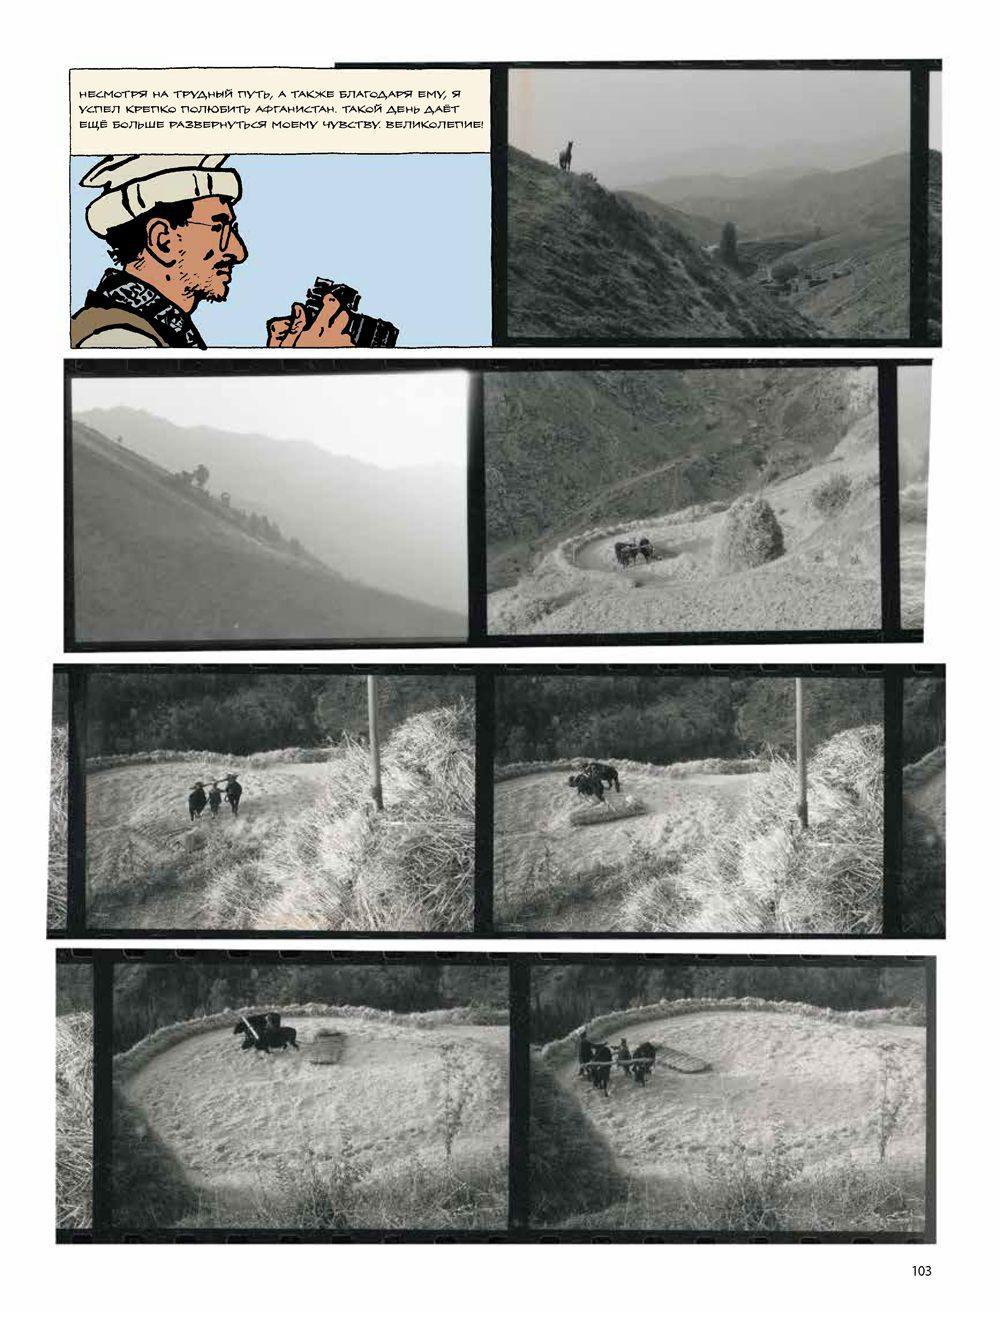 fotograf 10517504 1 - <b>«Колония муравьев», Джо Сакко и шутки создательницы «Коня БоДжека»</b> – обзор комиксов от Катерины Сергацковой - Заборона